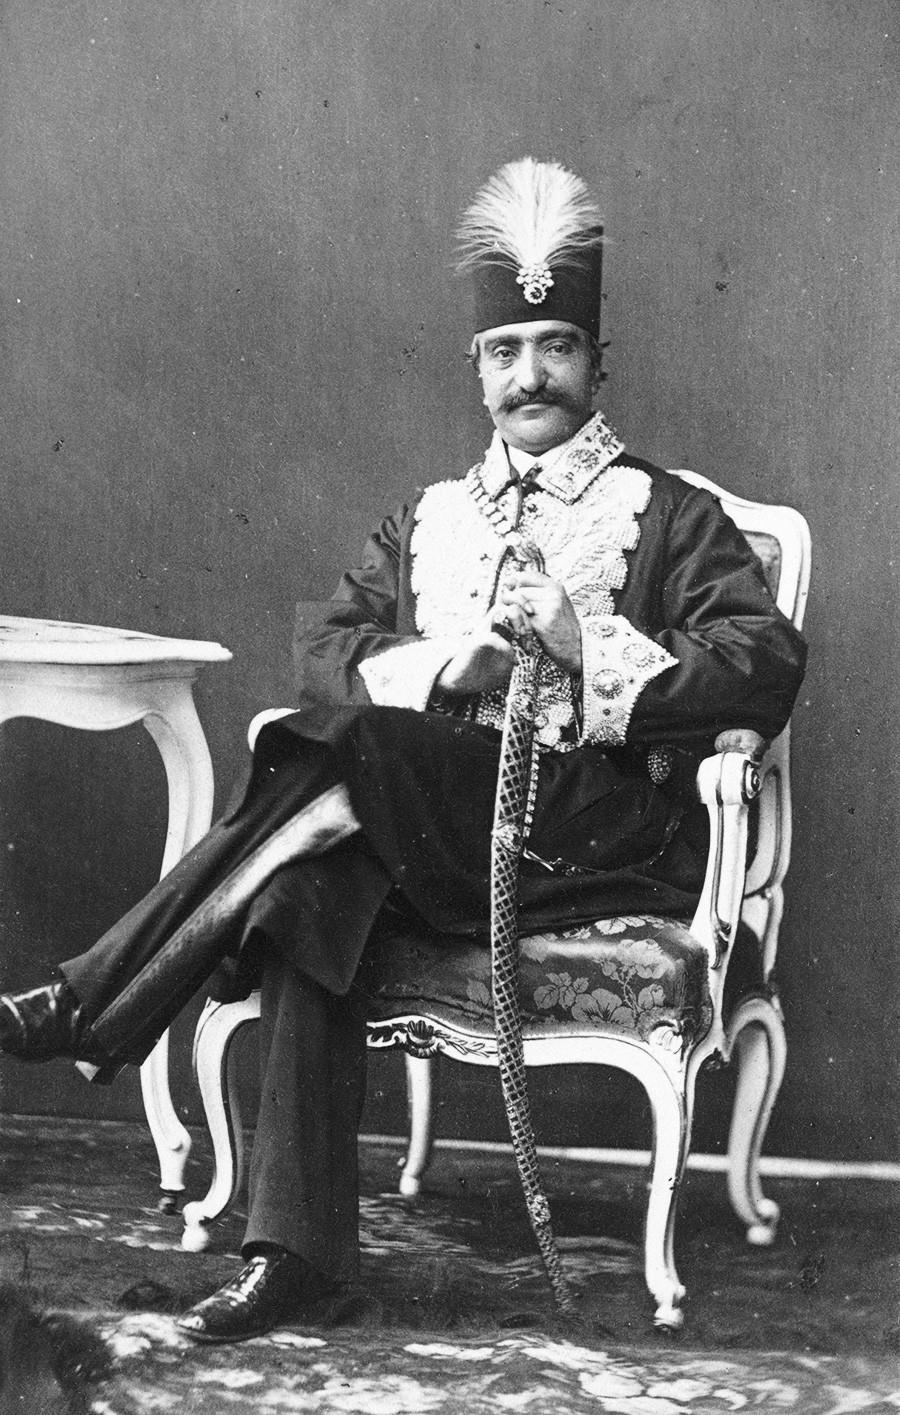 Iran, oko 1873. godine: Nasrudin-šah Kadžar, vladar Perzije, za vrijeme svjetske izložbe u Beču.